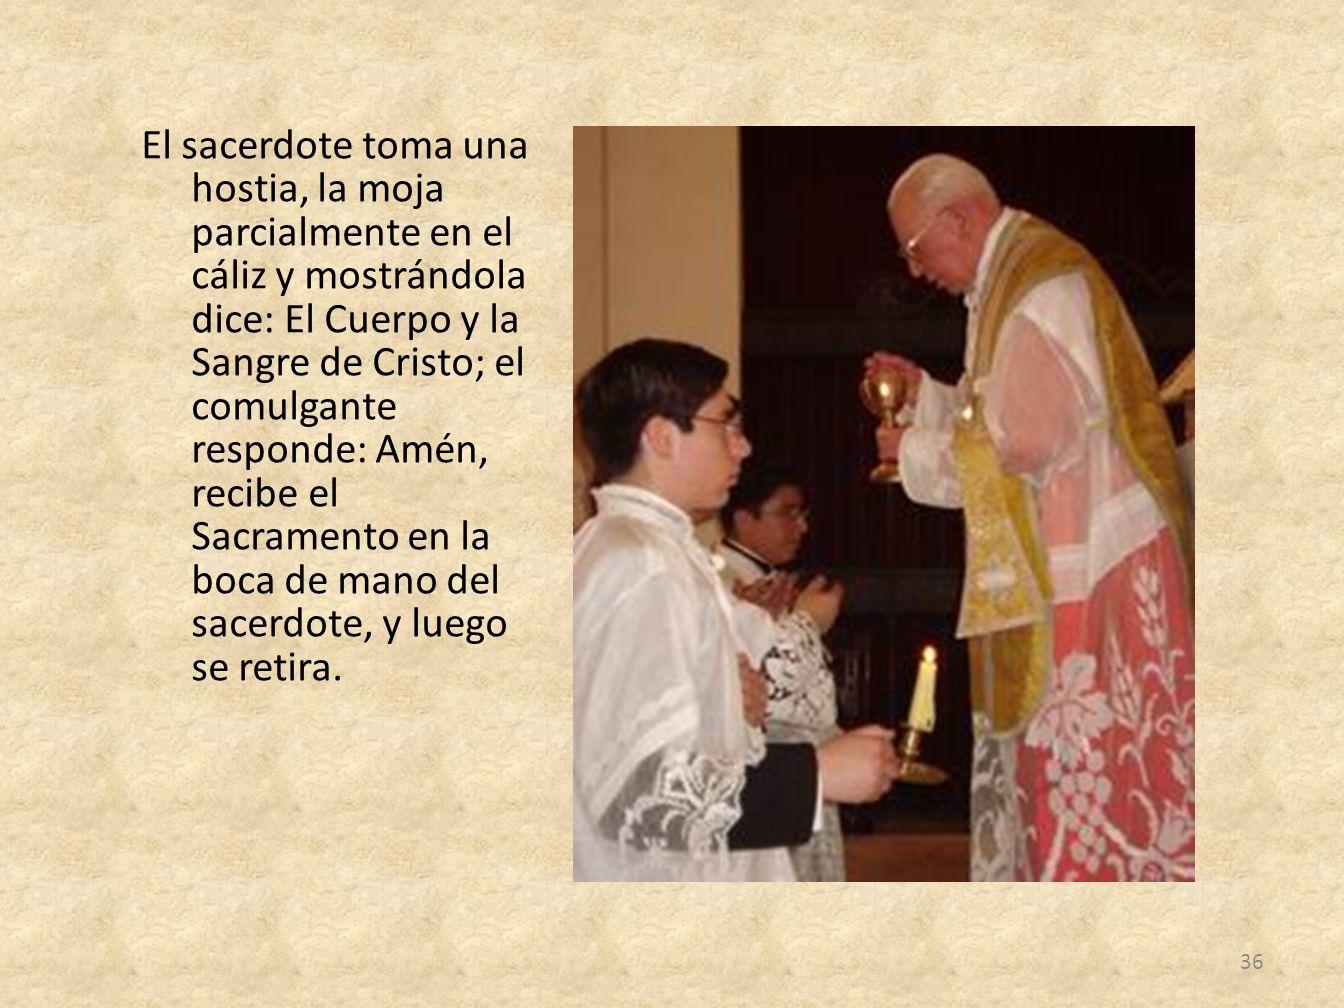 El sacerdote toma una hostia, la moja parcialmente en el cáliz y mostrándola dice: El Cuerpo y la Sangre de Cristo; el comulgante responde: Amén, reci